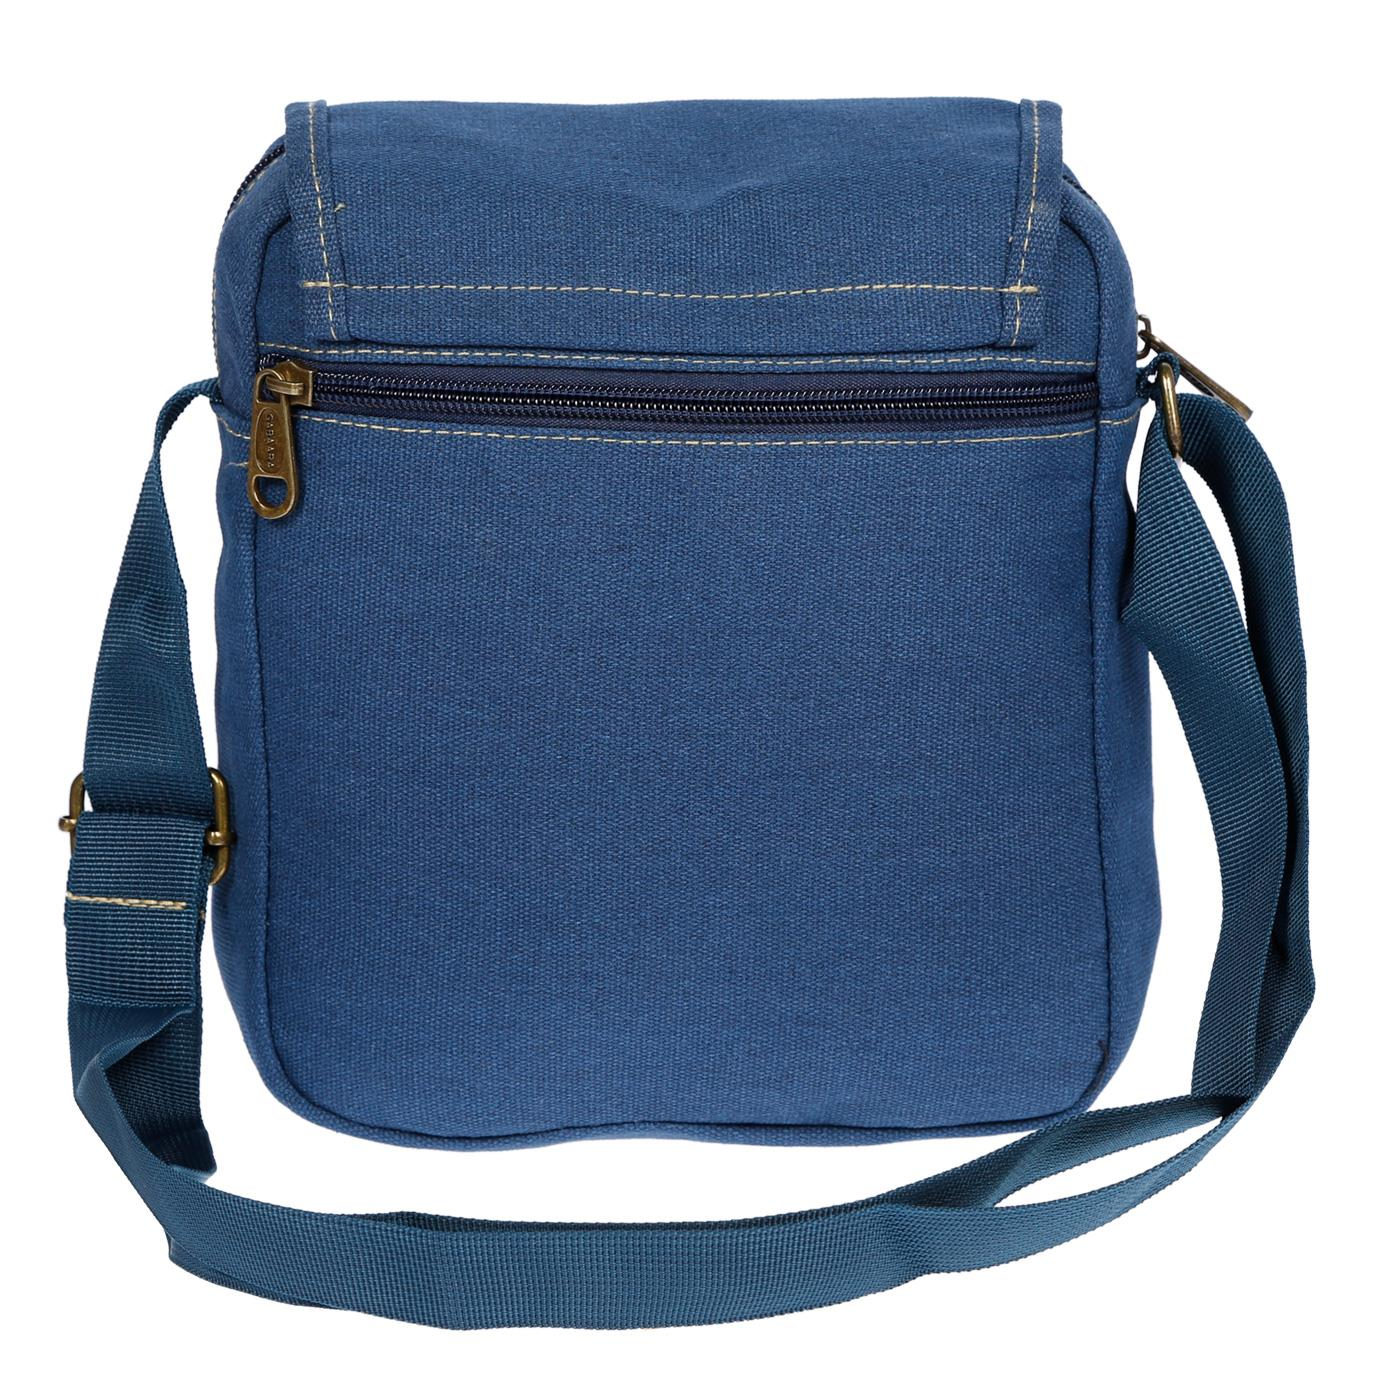 Damen-Herren-Tasche-Canvas-Umhaengetasche-Schultertasche-Crossover-Bag-Handtasche Indexbild 34